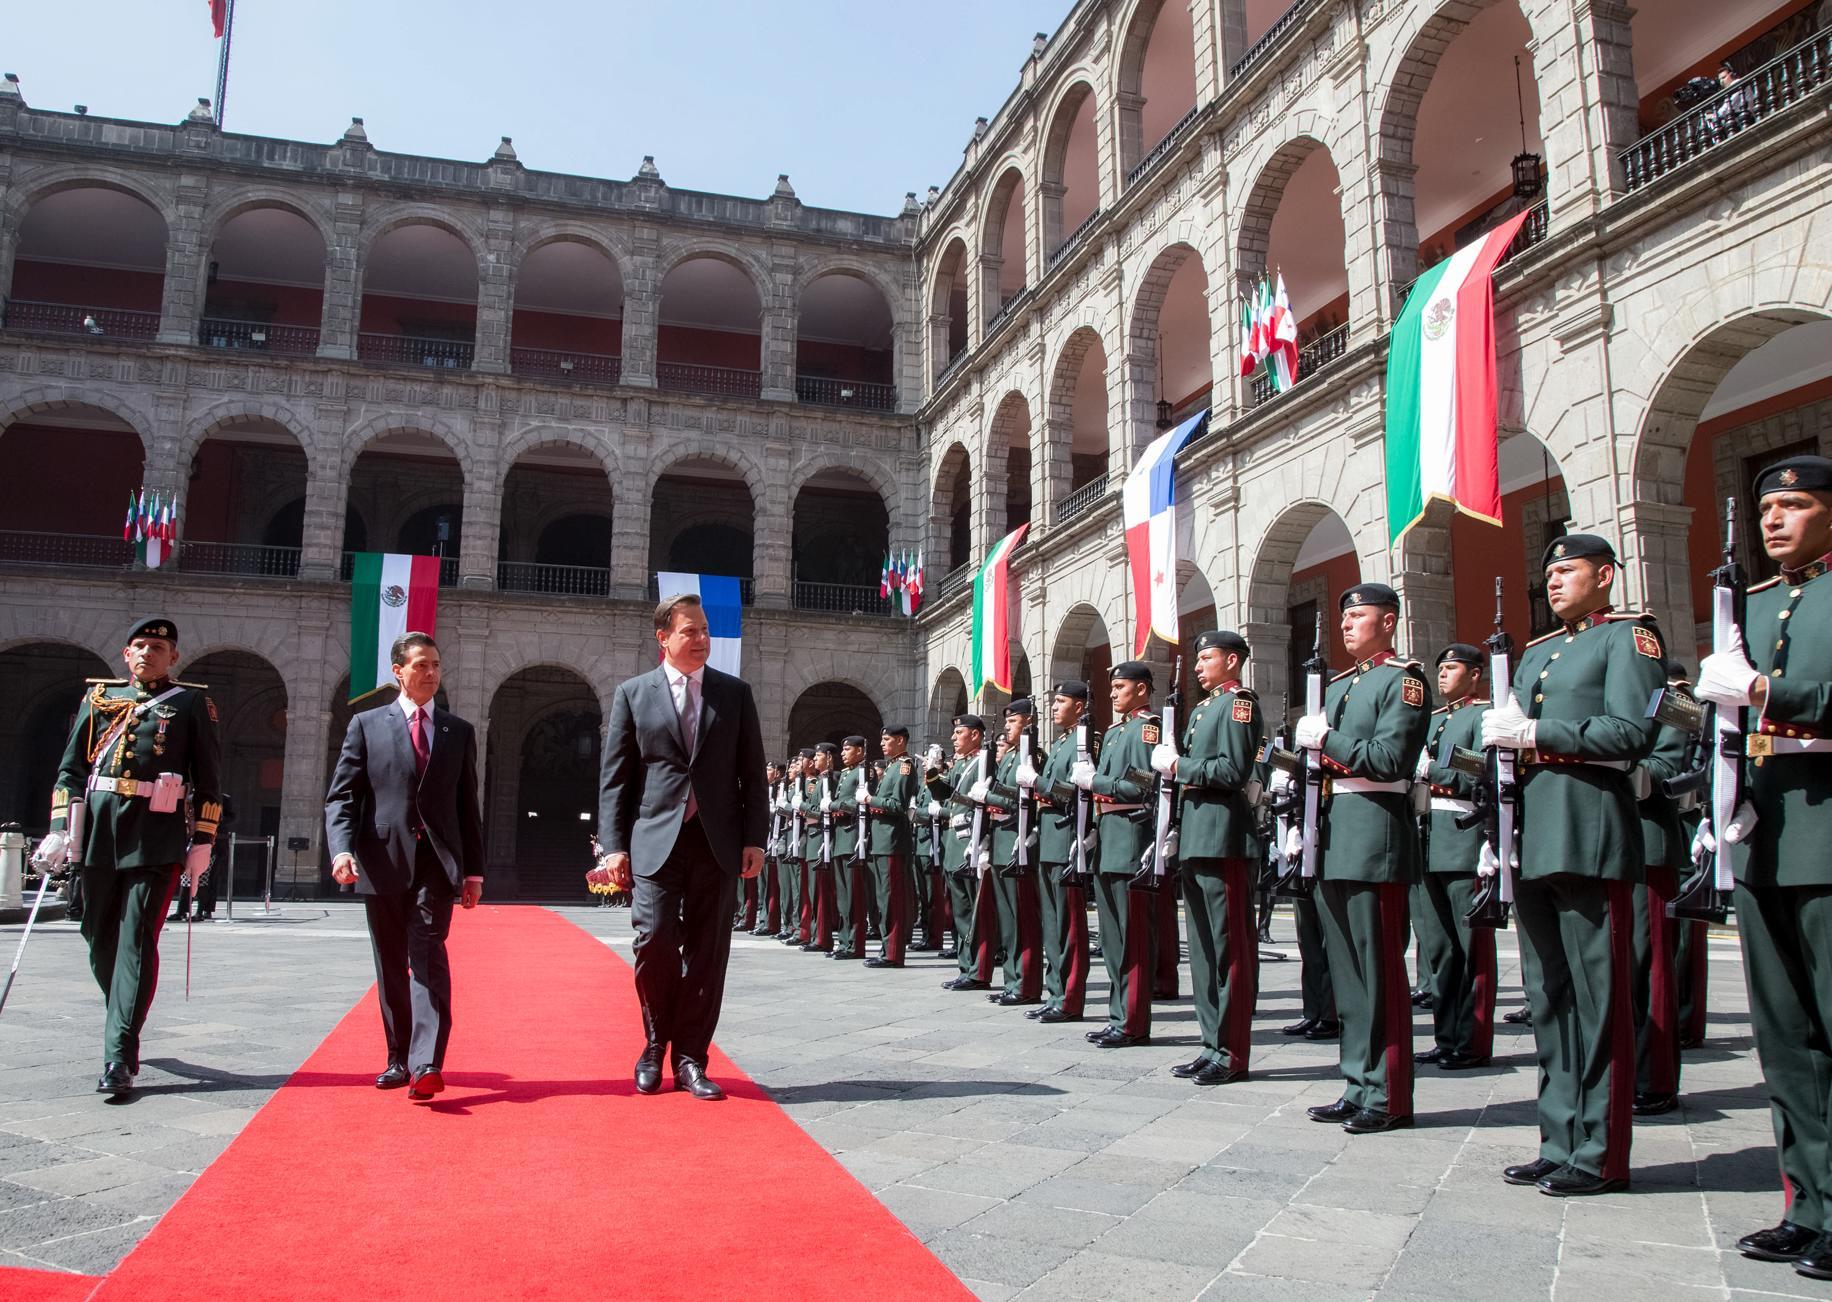 El mandatario panameño sostuvo un encuentro privado con el Presidente Enrique Peña Nieto así como otro con las respectivas comitivas para revisar la amplia agenda bilateral.